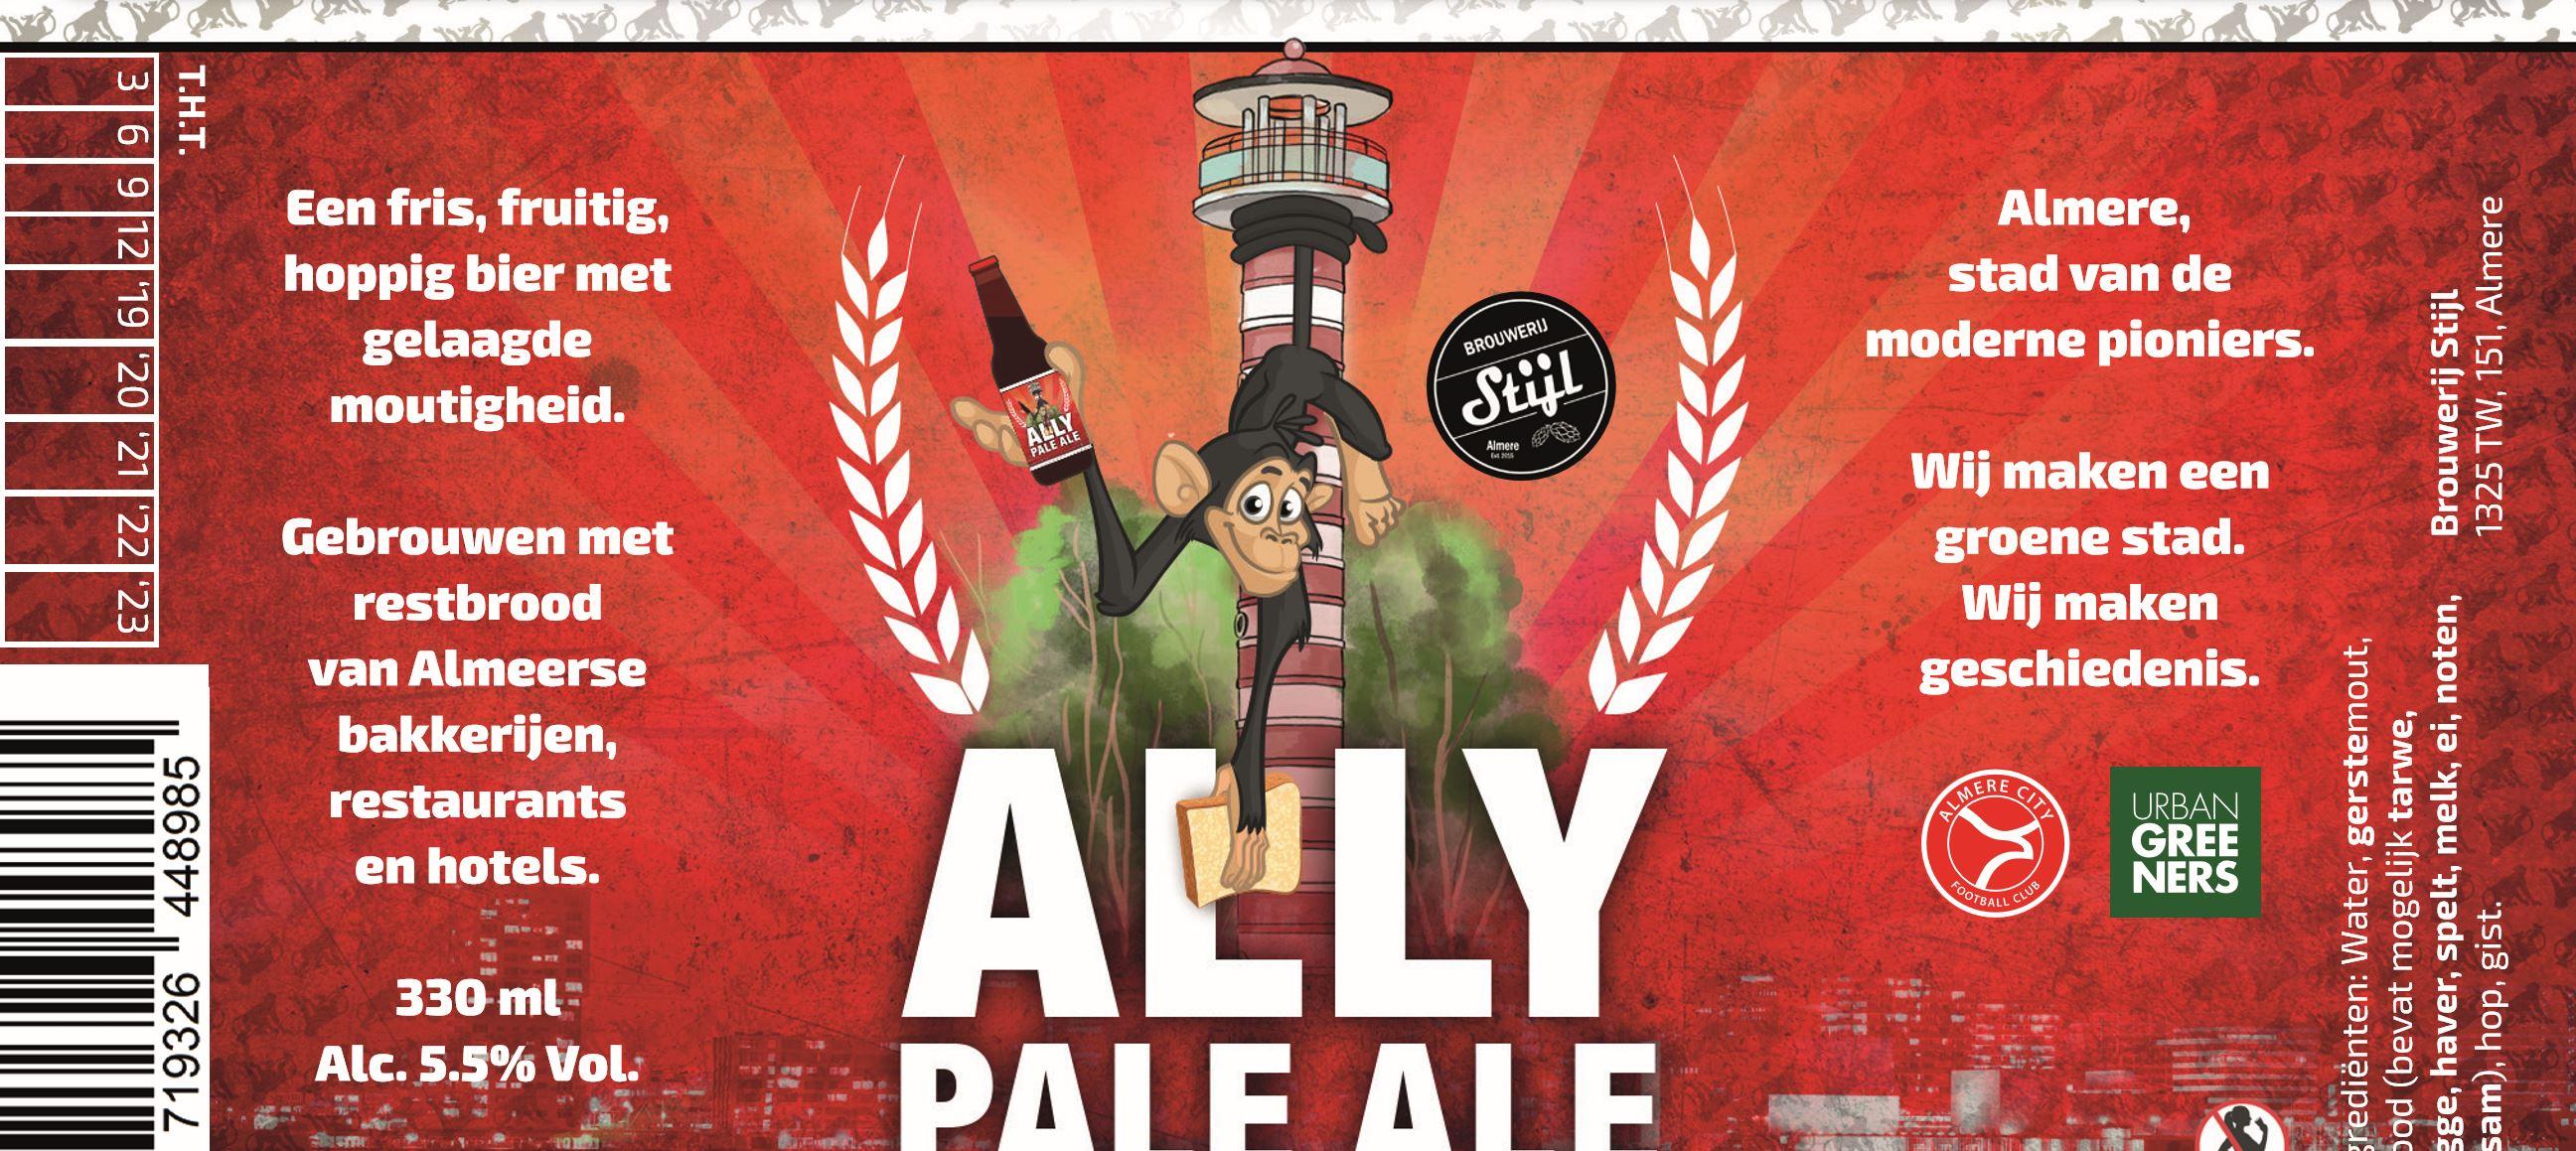 Ally boegbeeld van nieuw écht Almeers biertje van Brouwerij Stijl